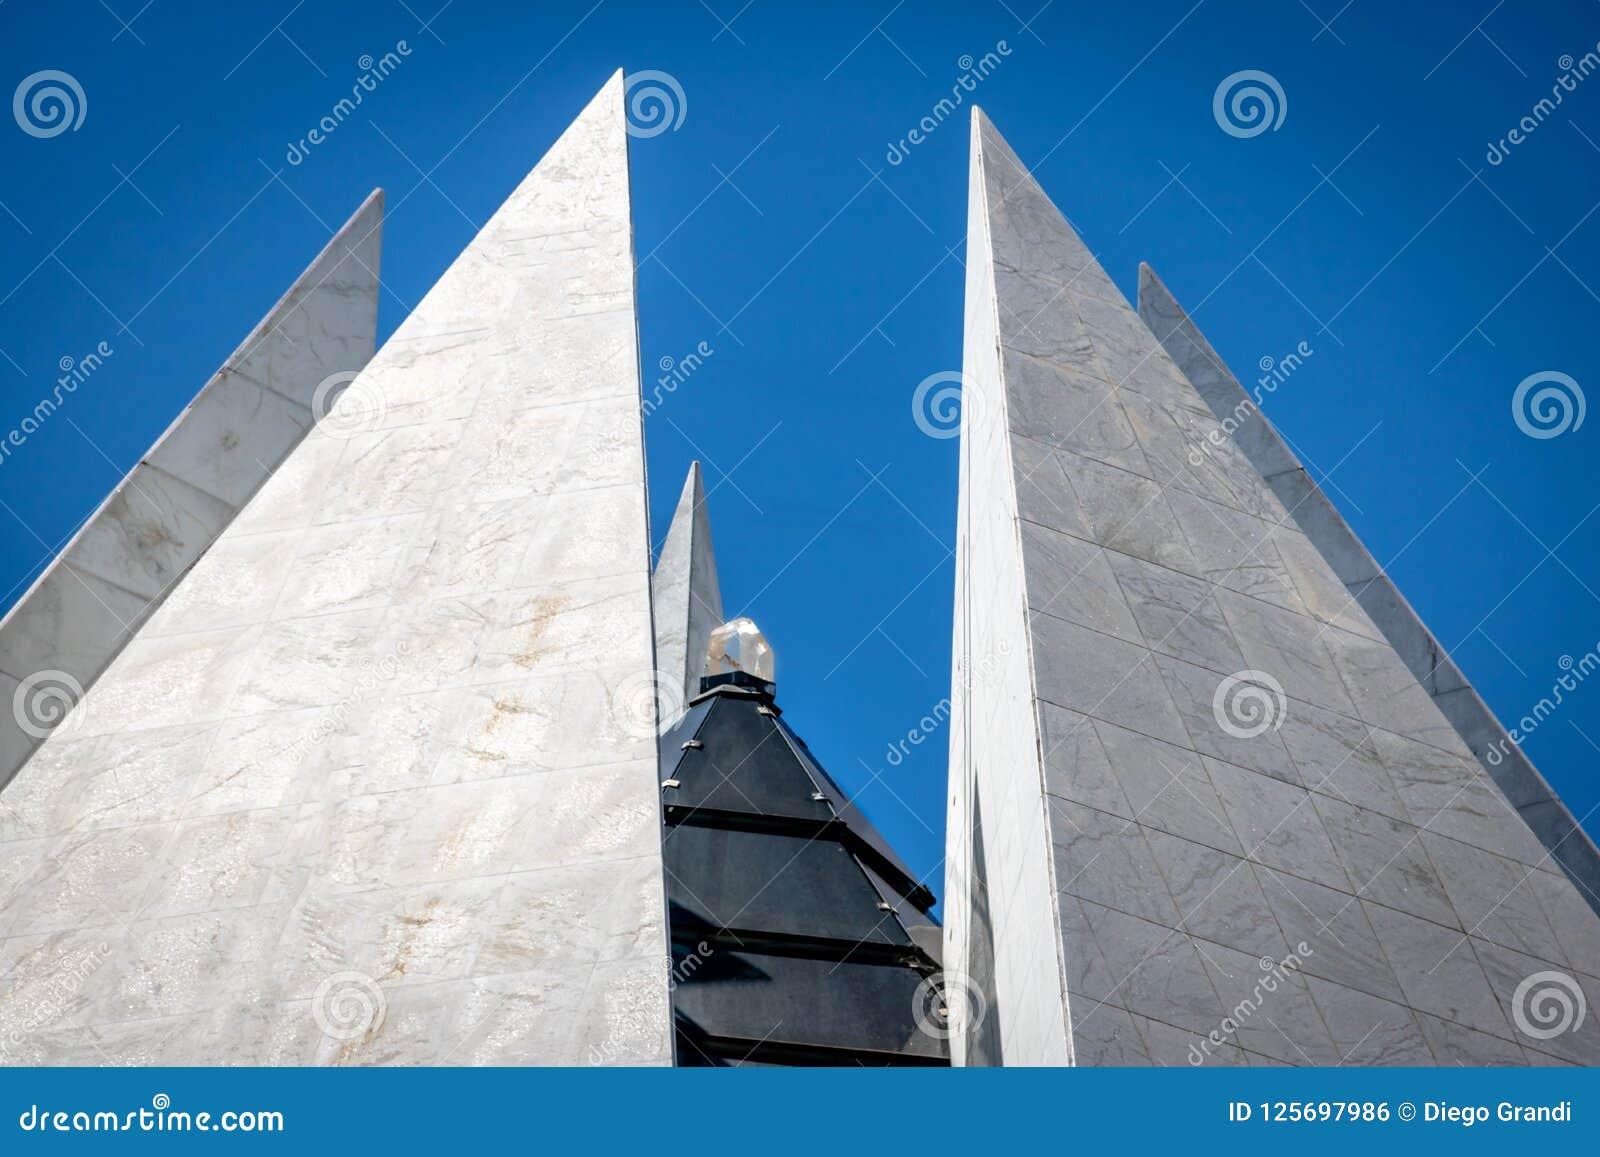 Cristal encima del templo de la voluntad - boa Vontade - Brasilia, Distrito federal, el Brasil de Templo DA